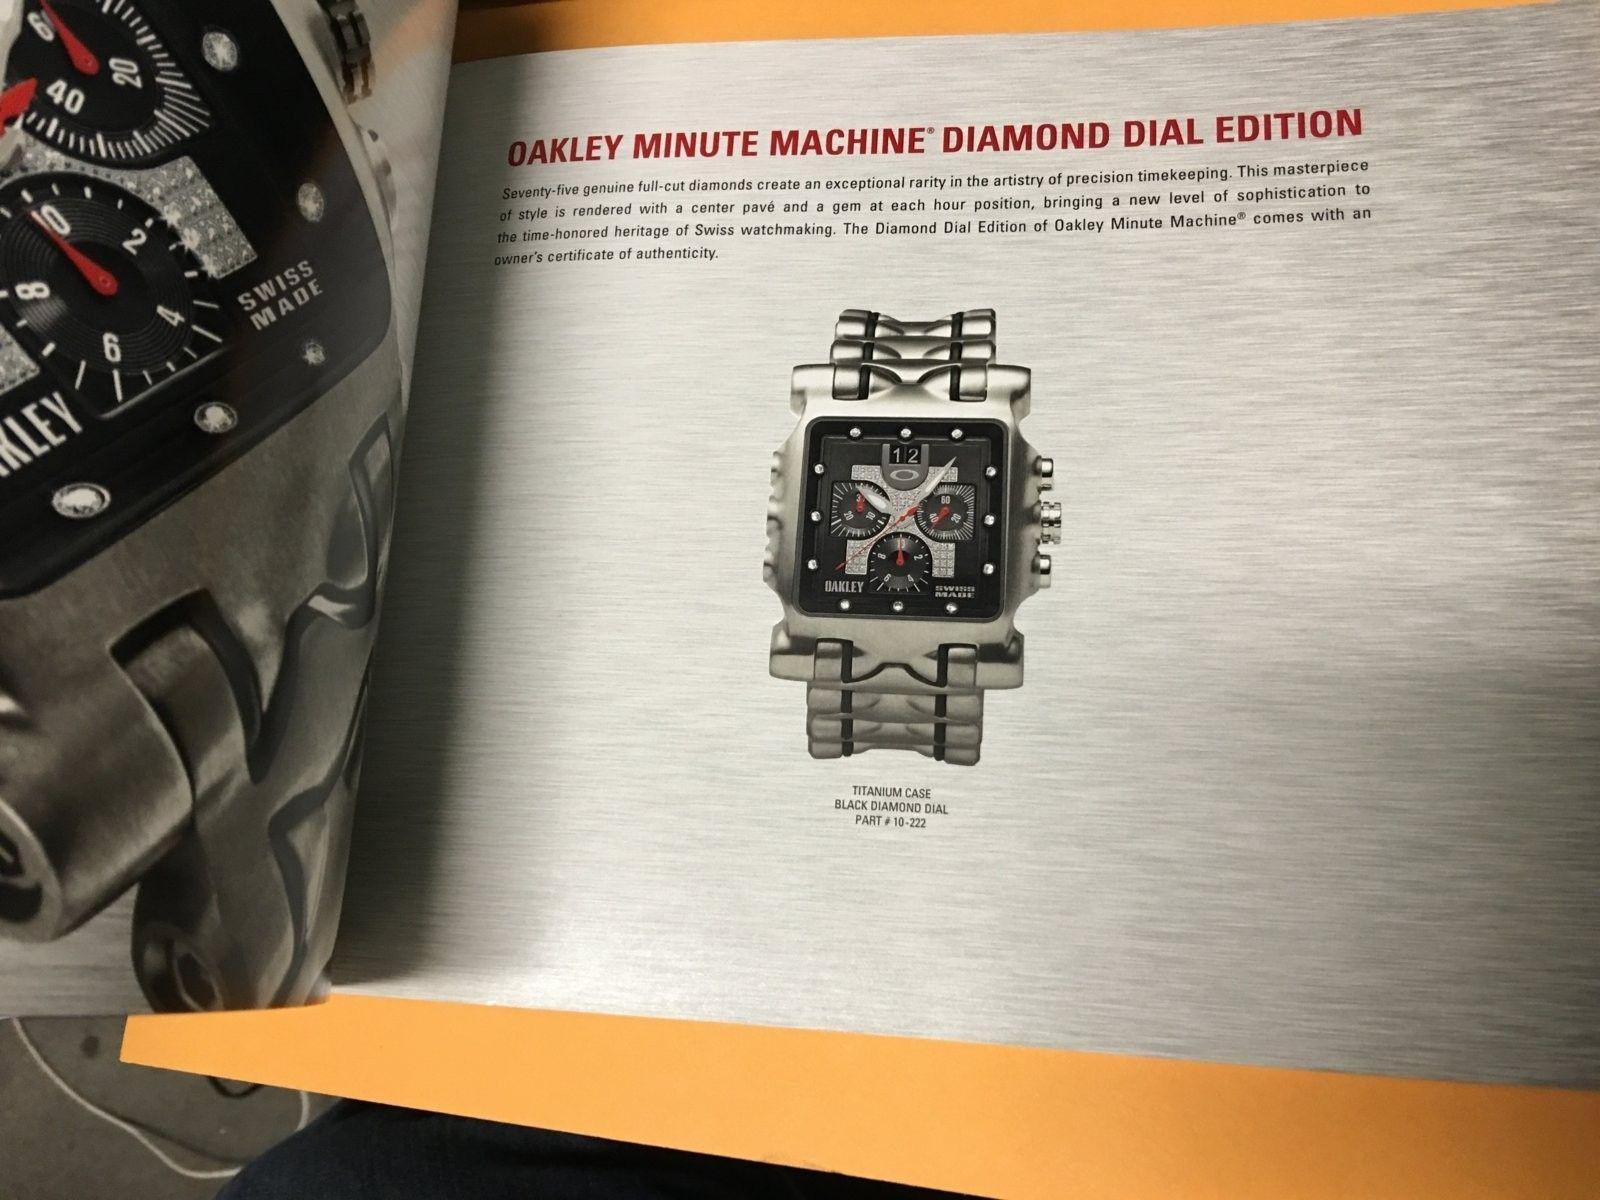 Watch 2011 catalog - image.jpeg